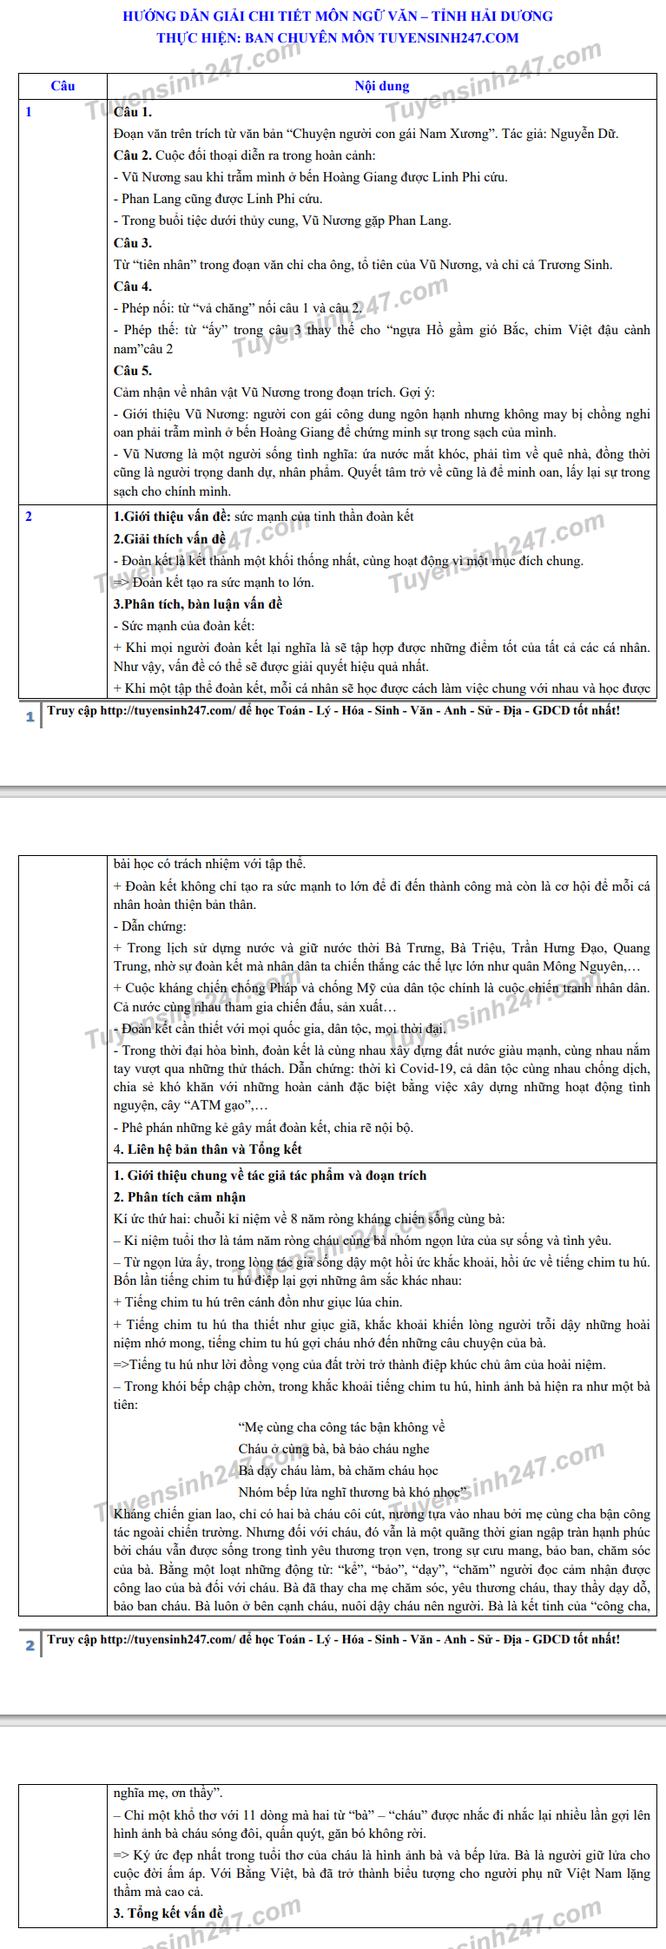 Tra cứu online đáp án đề thi vào lớp 10 môn Văn tỉnh Hải Dương 2020 ảnh 2